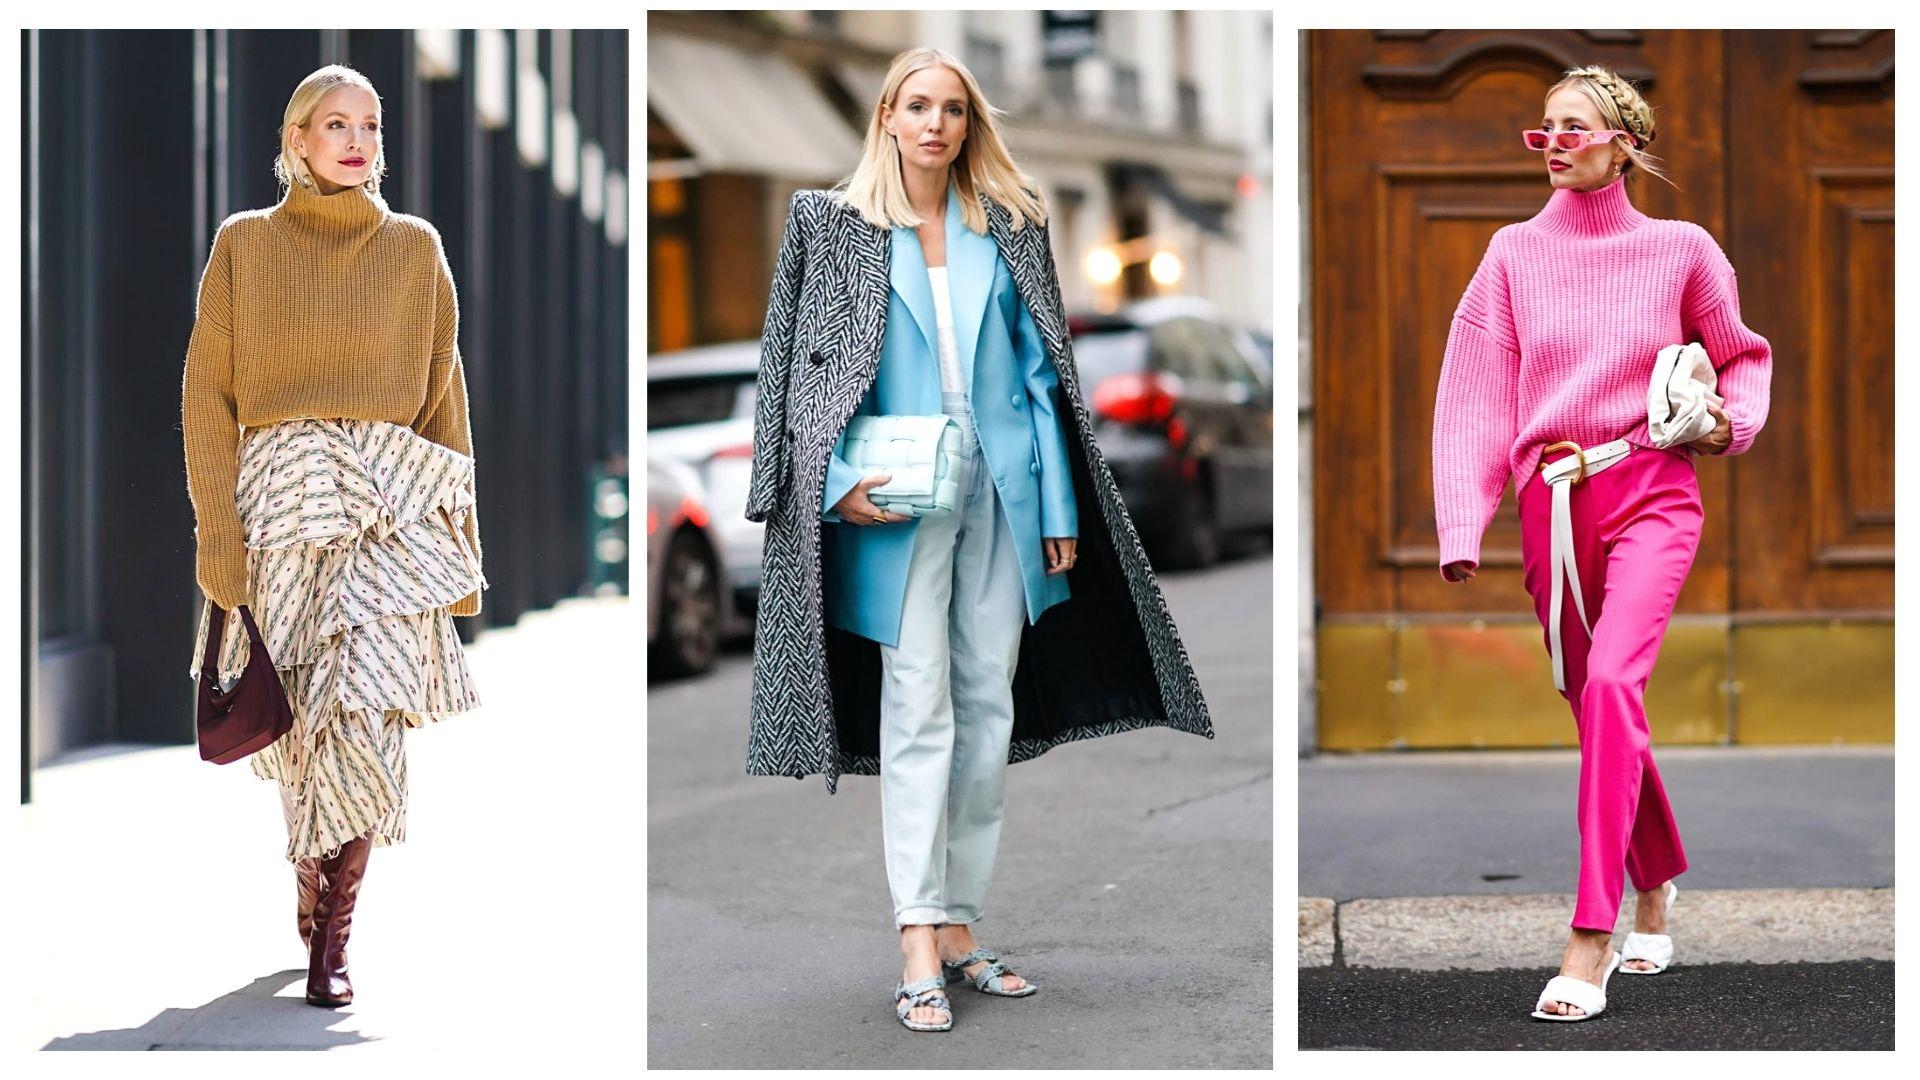 Яркий городской стиль модного блогера Леони Ханне: идеи для вдохновения